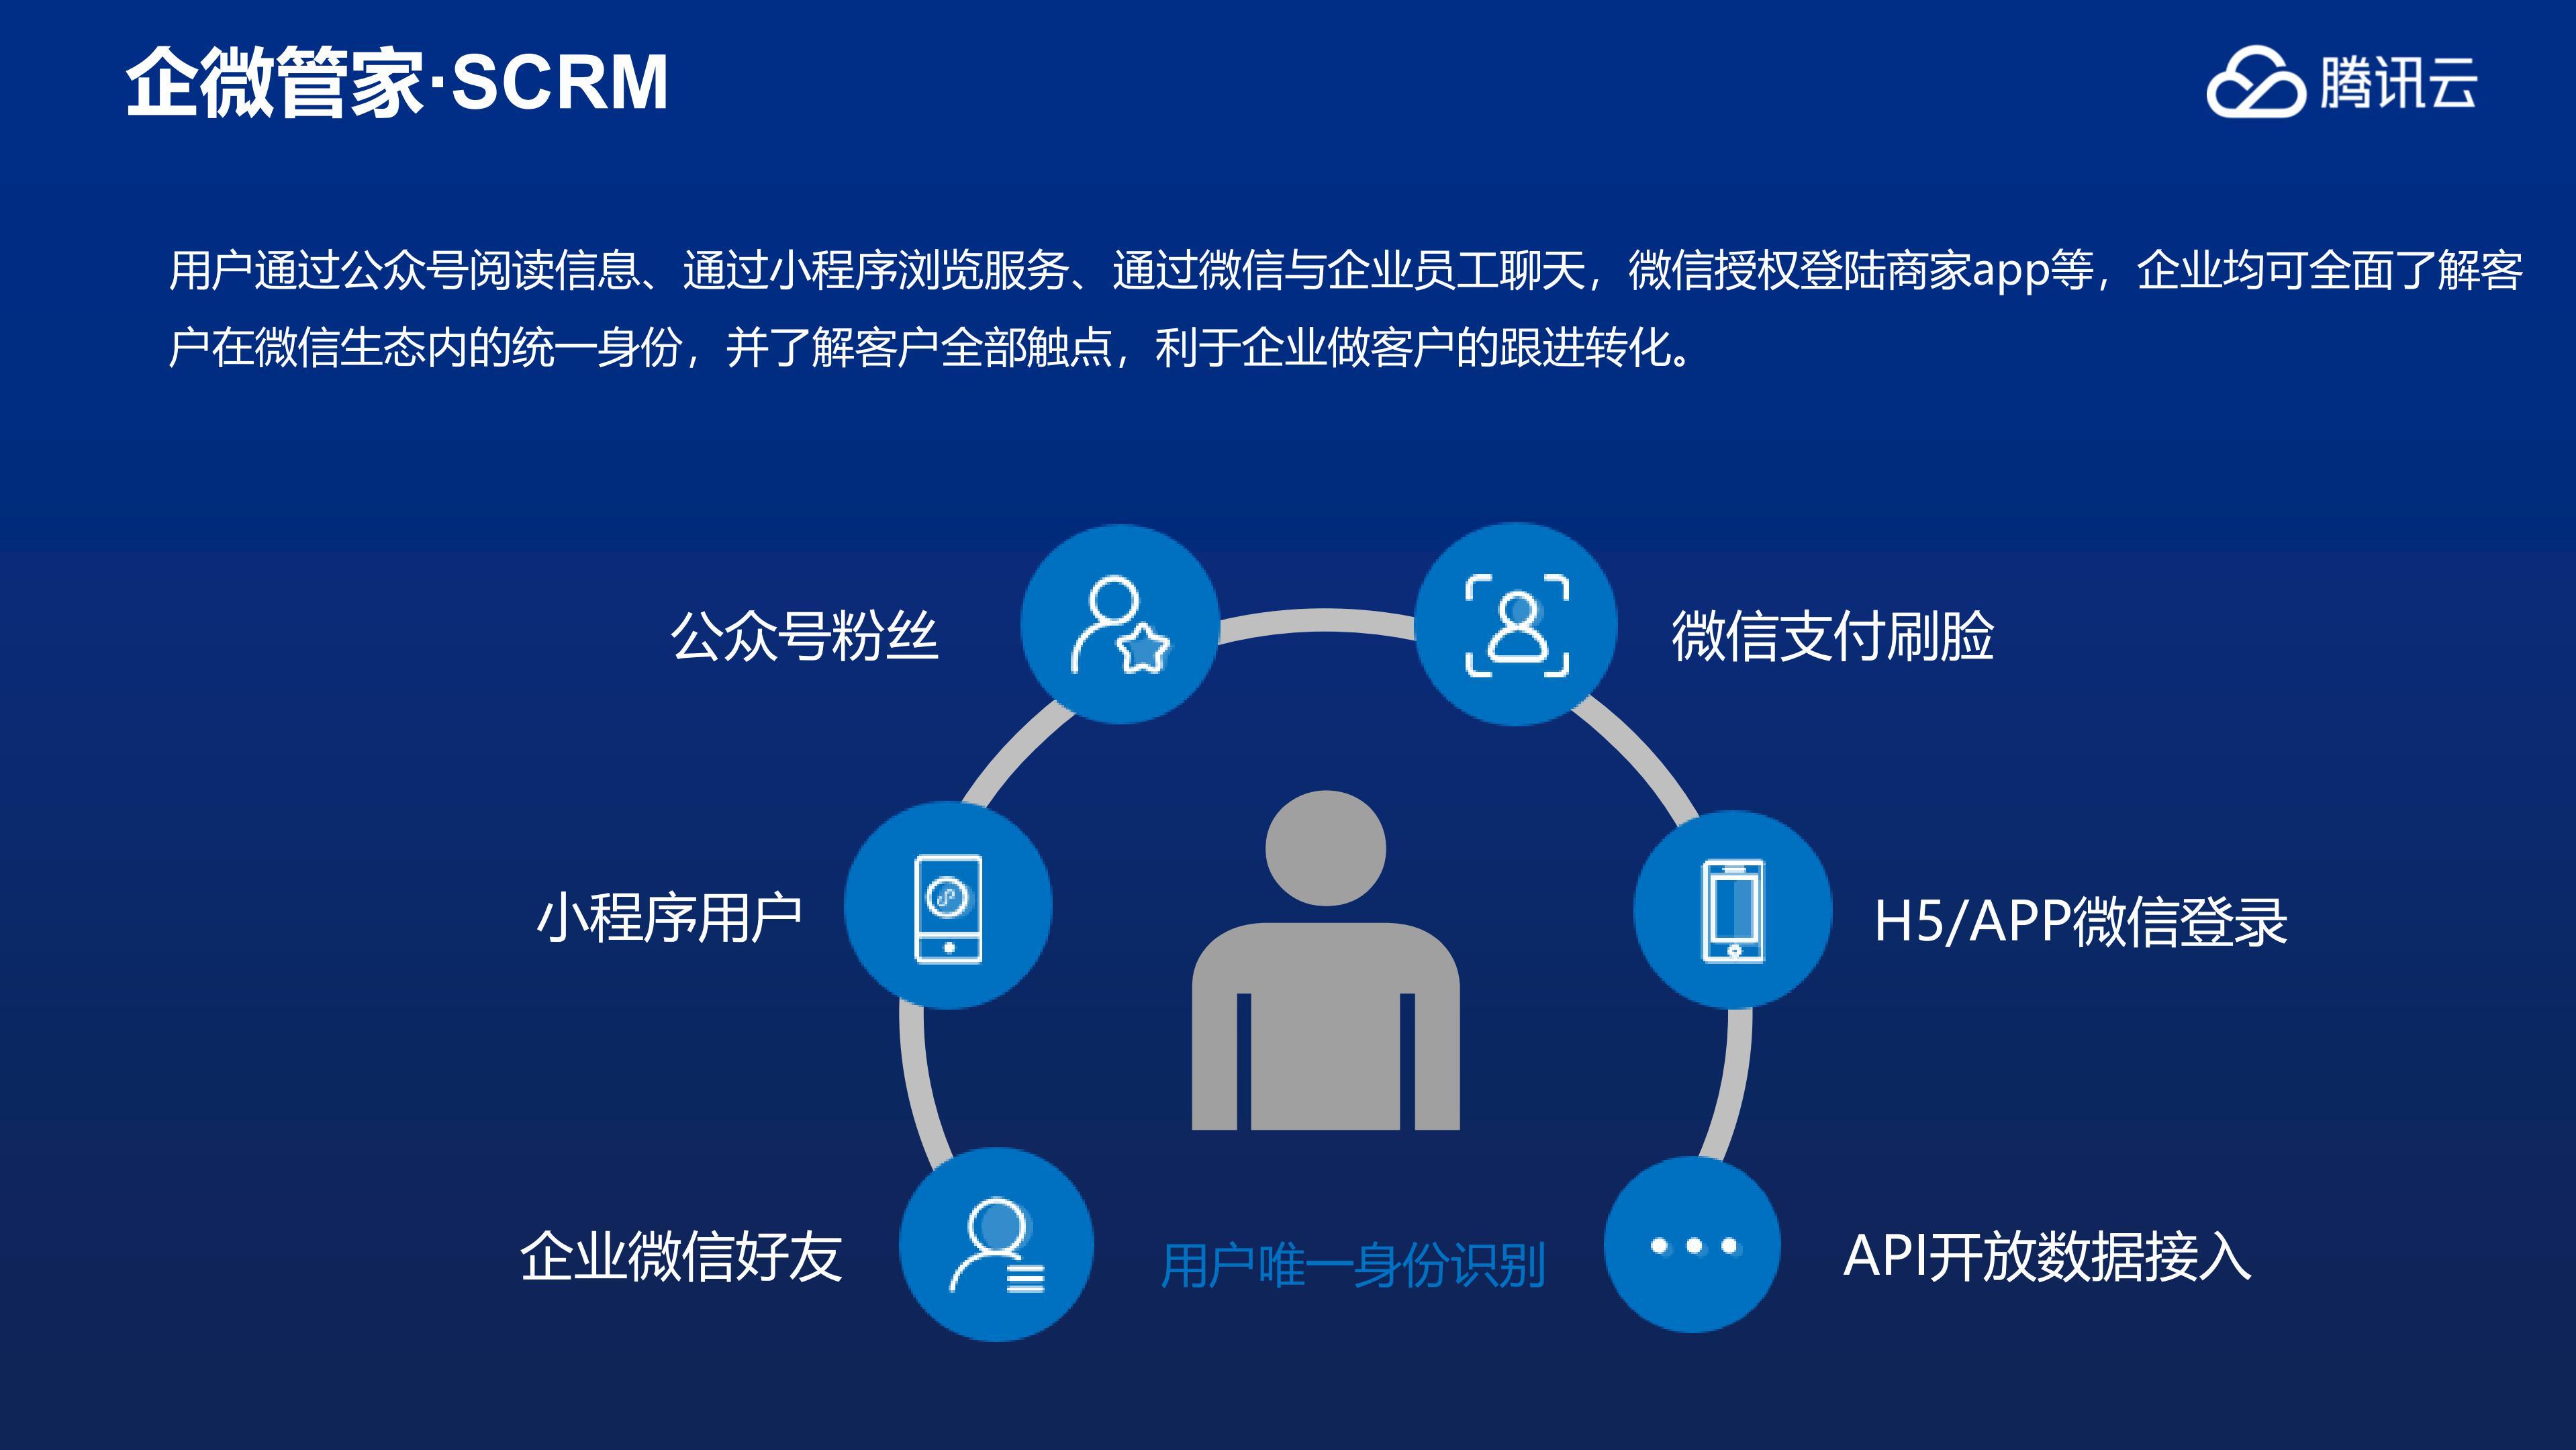 腾讯云企微管家产品介绍_31.jpg